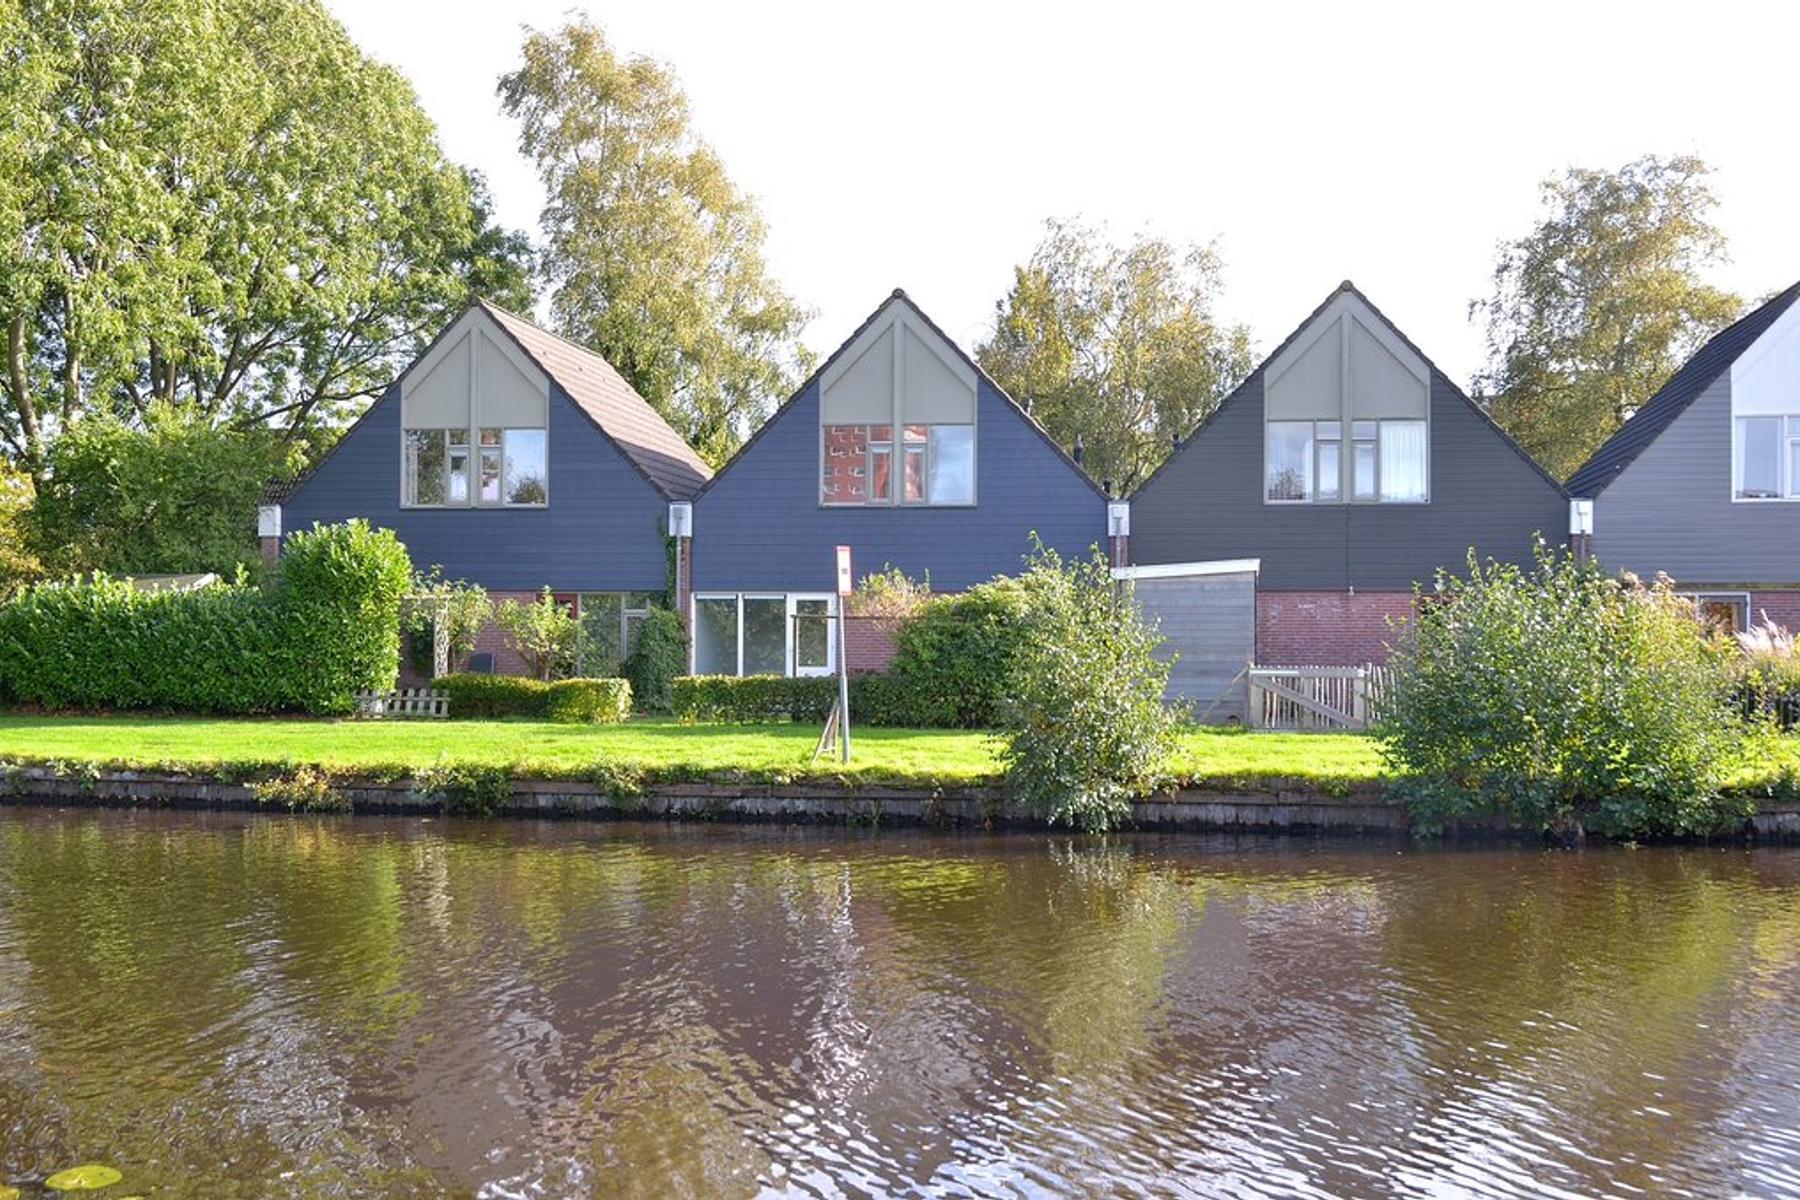 Wederik 71 in Heerenveen 8446 AA